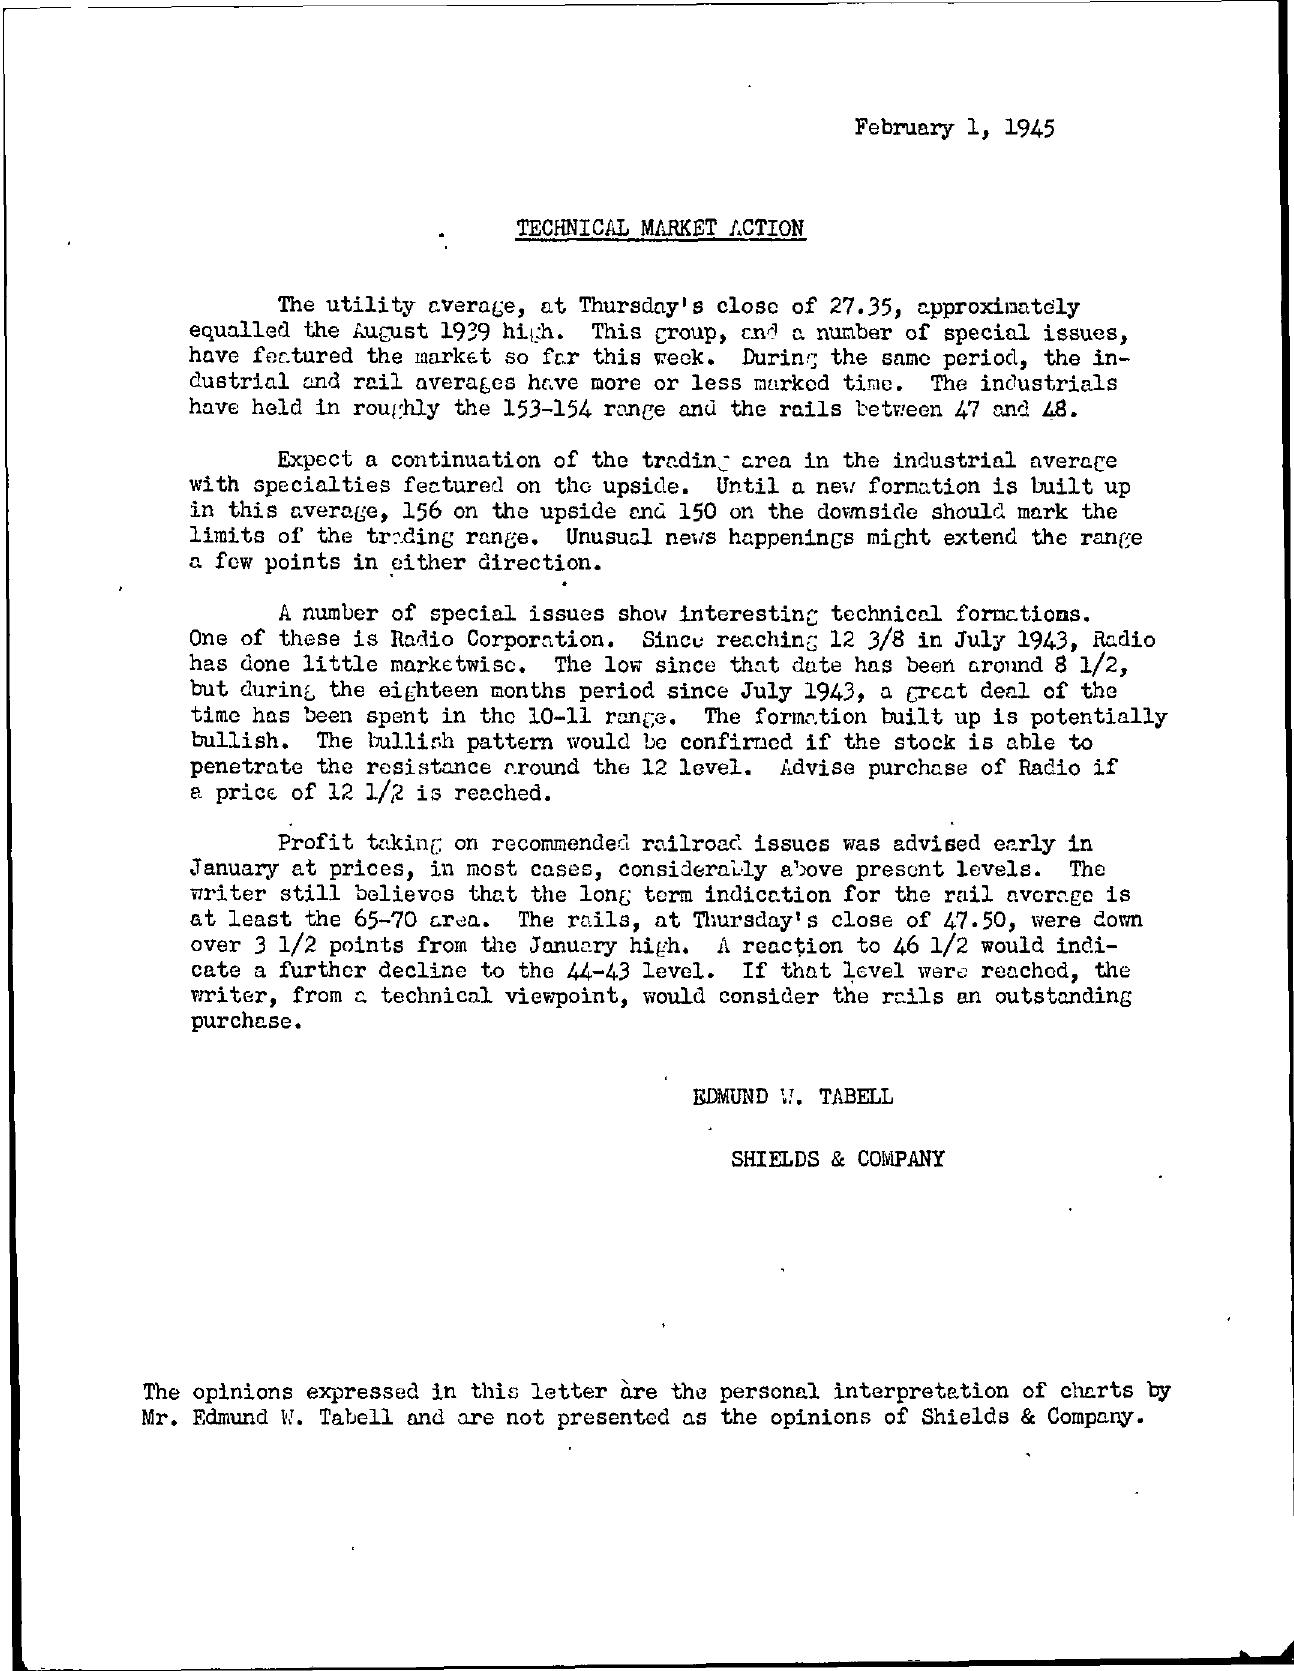 Tabell's Market Letter - February 01, 1945